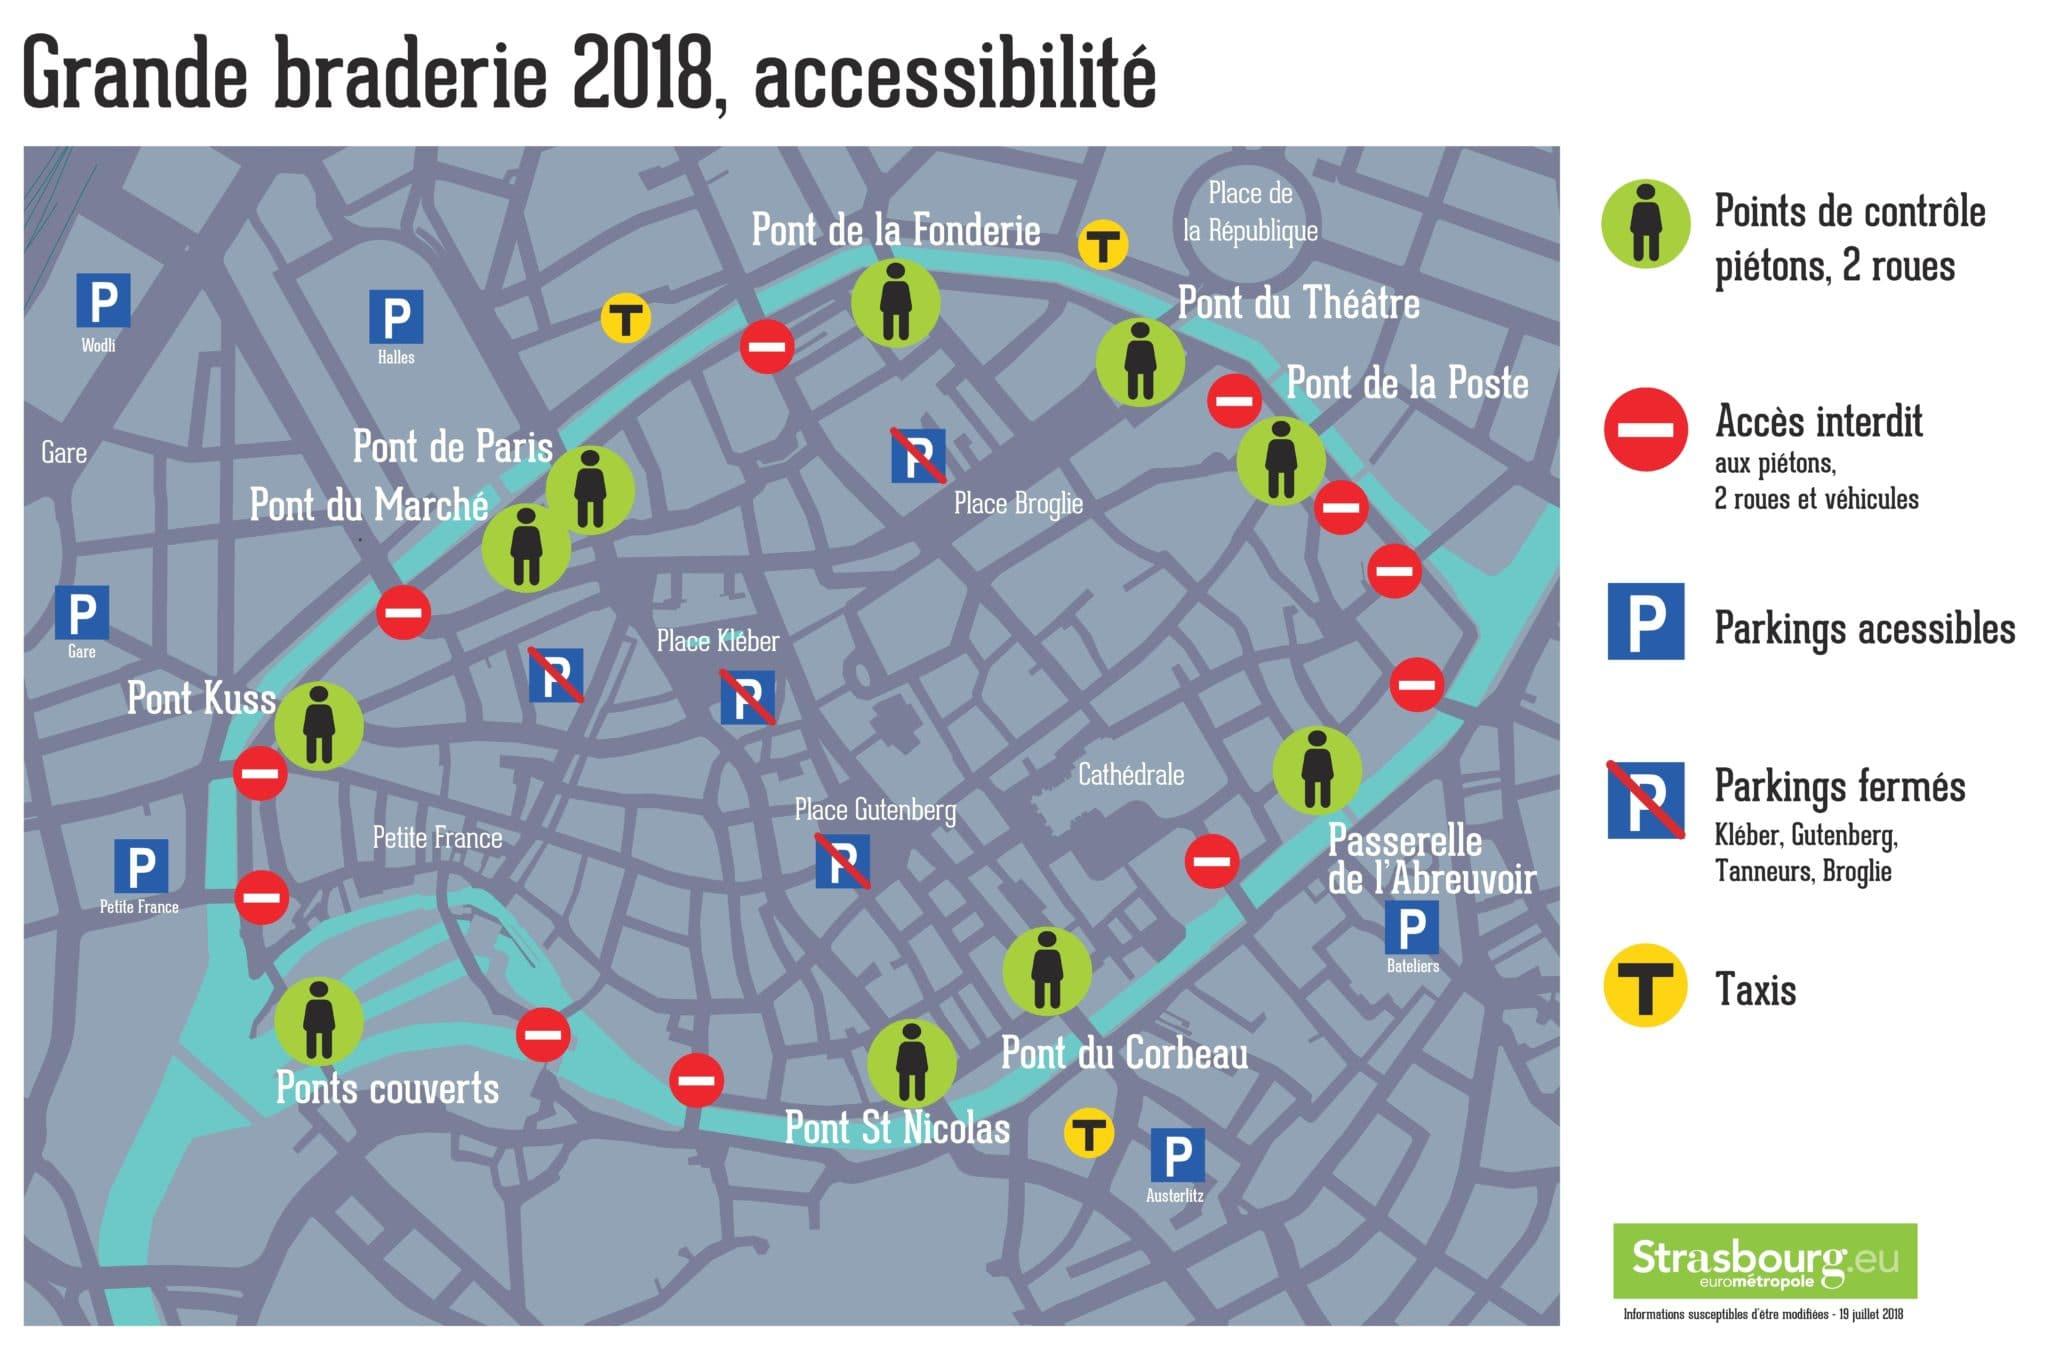 10 ponts sur 21 seront ouverts pour la Grande braderie de Strasbourg version 2018 (document Ville de Strasbourg)